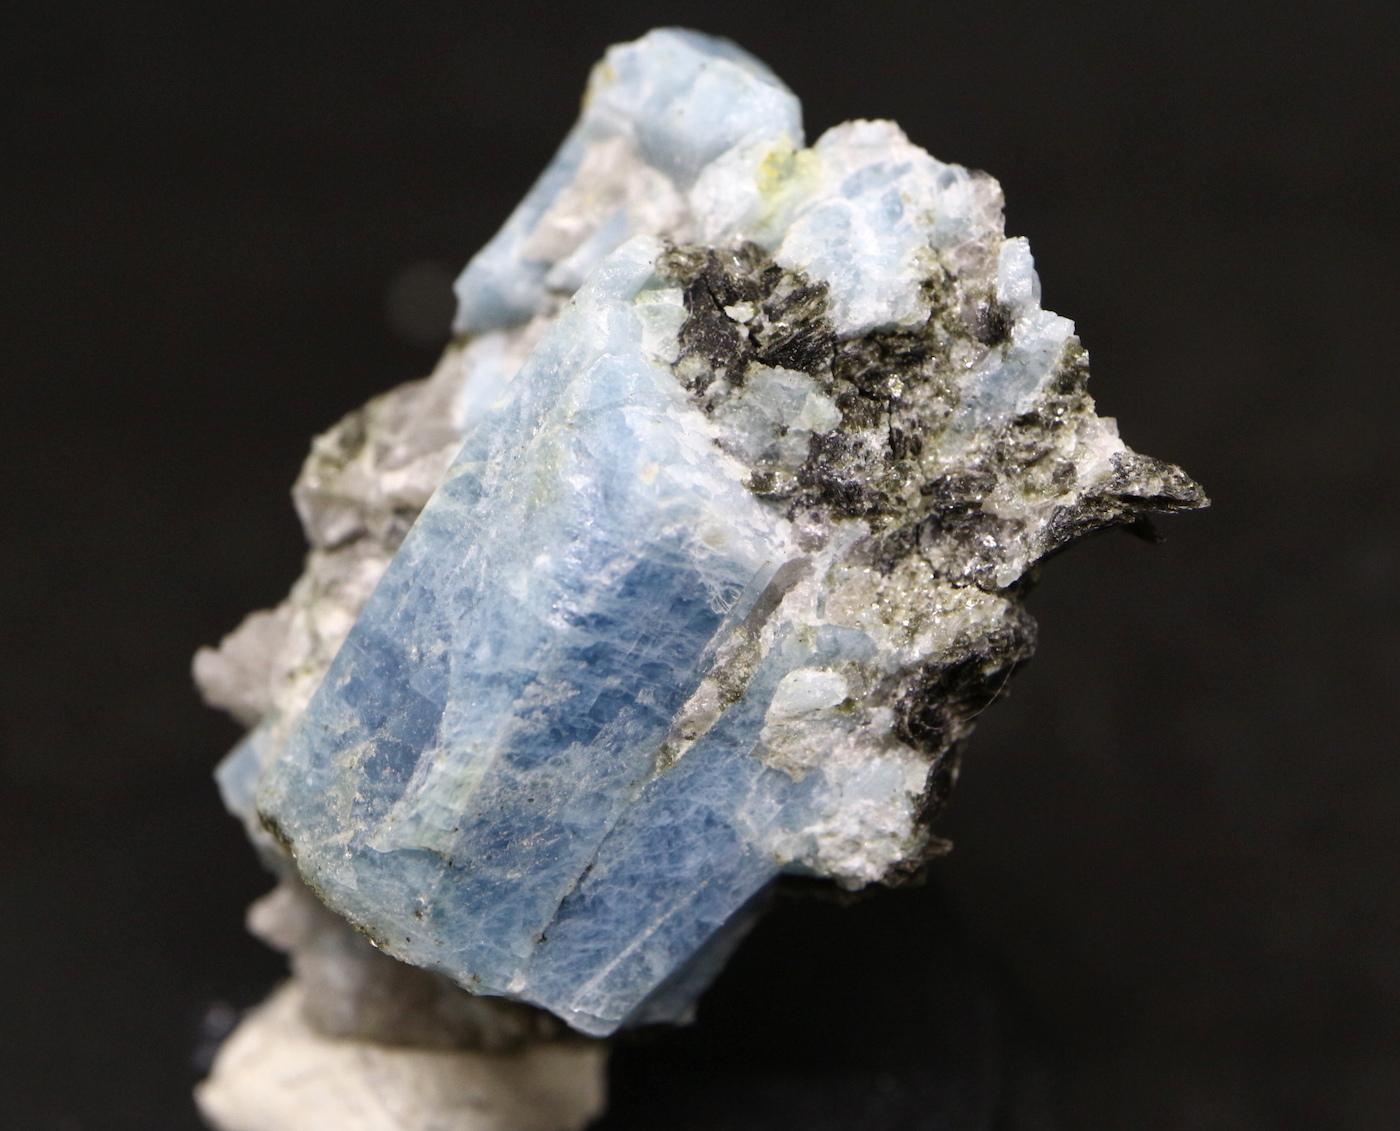 カリフォルニア産 アクアマリン 8,7g 原石 AQ026